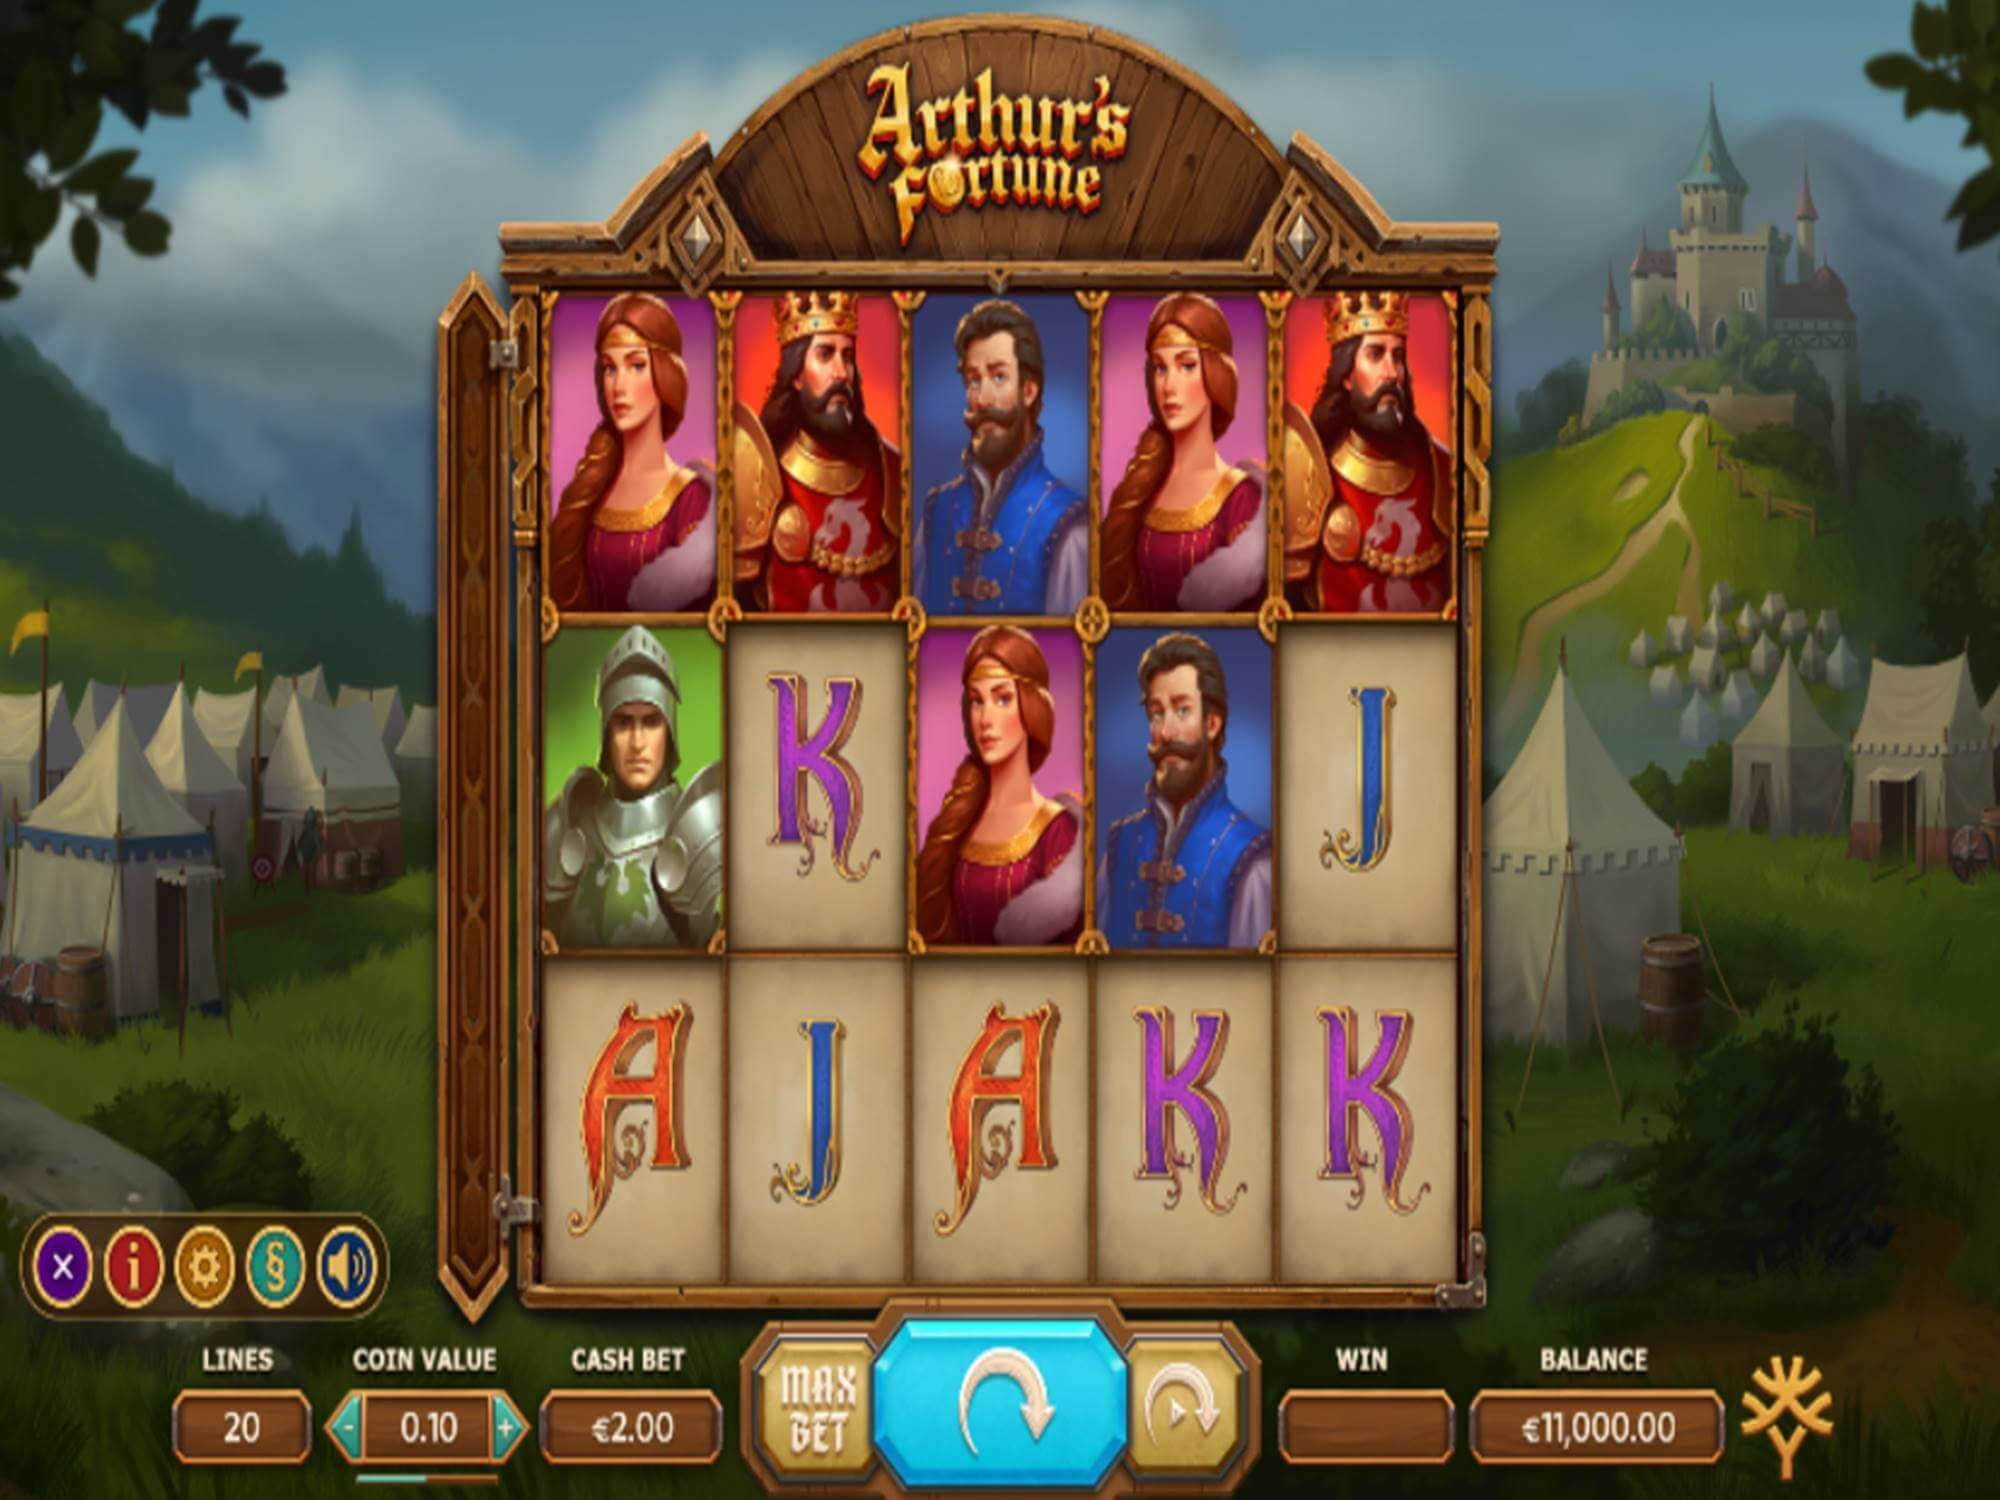 Arthurs Fortune Bonus